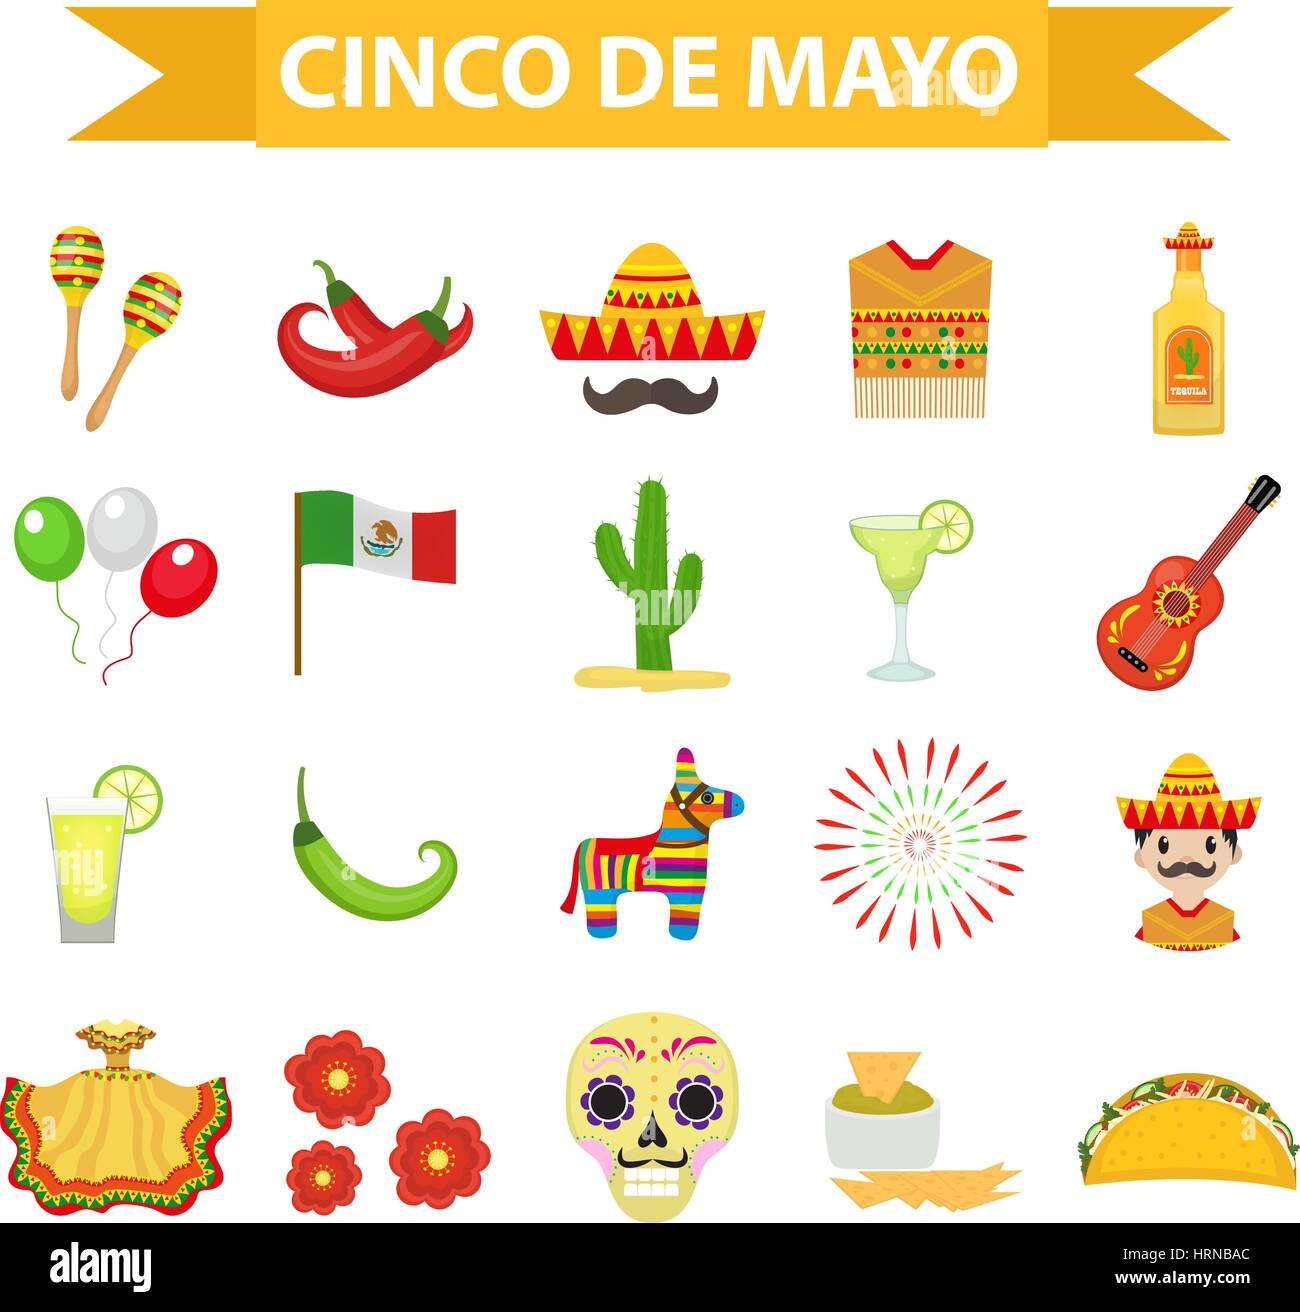 La celebración del Cinco de Mayo en México 2af026ac844